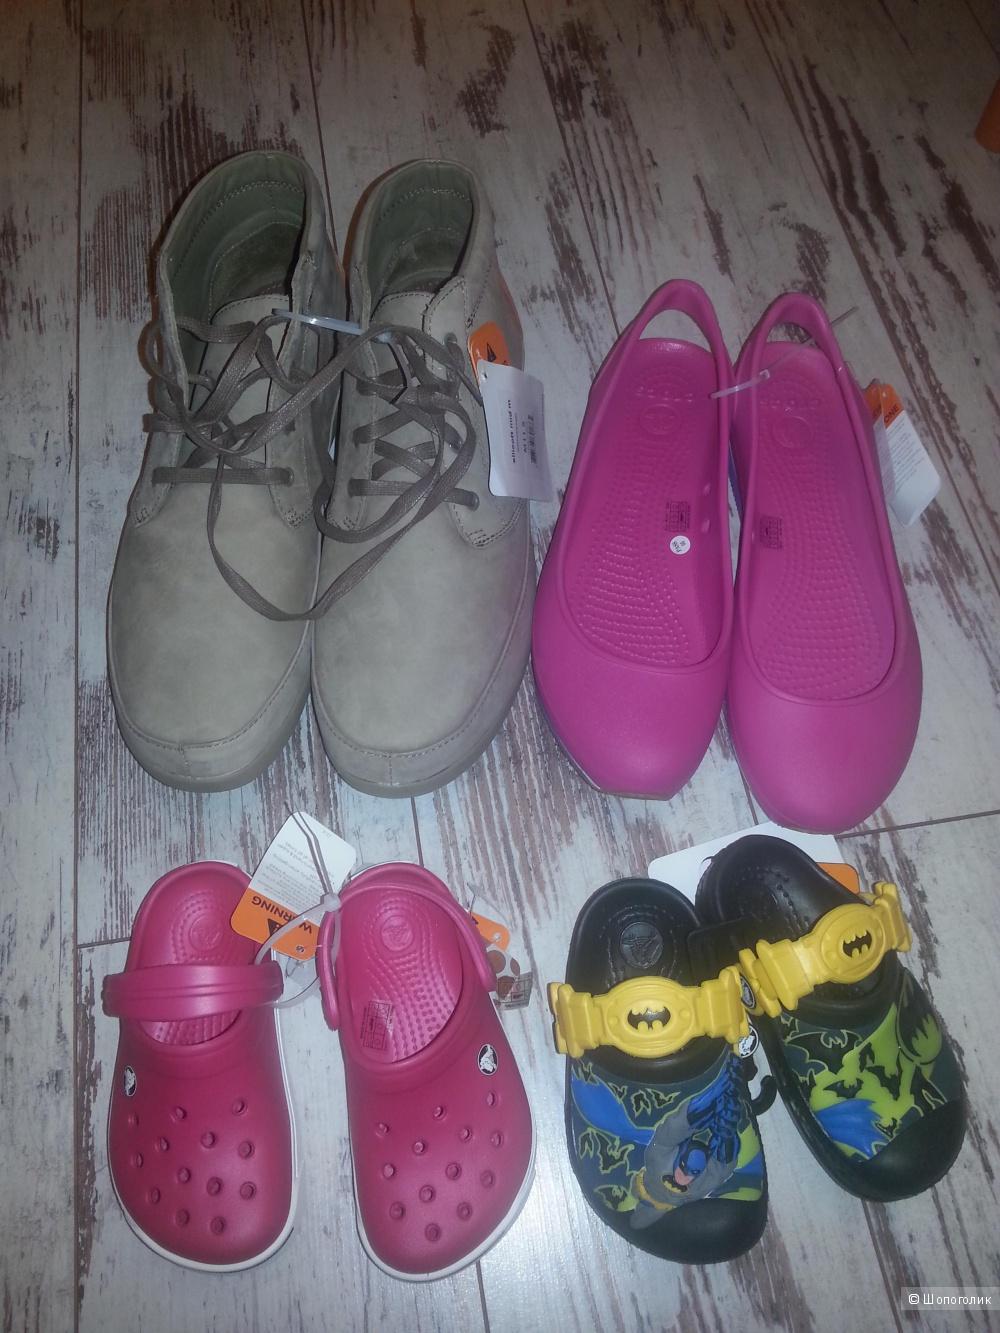 Сабо Crocband™ clog (Kids) оригинал унисекс